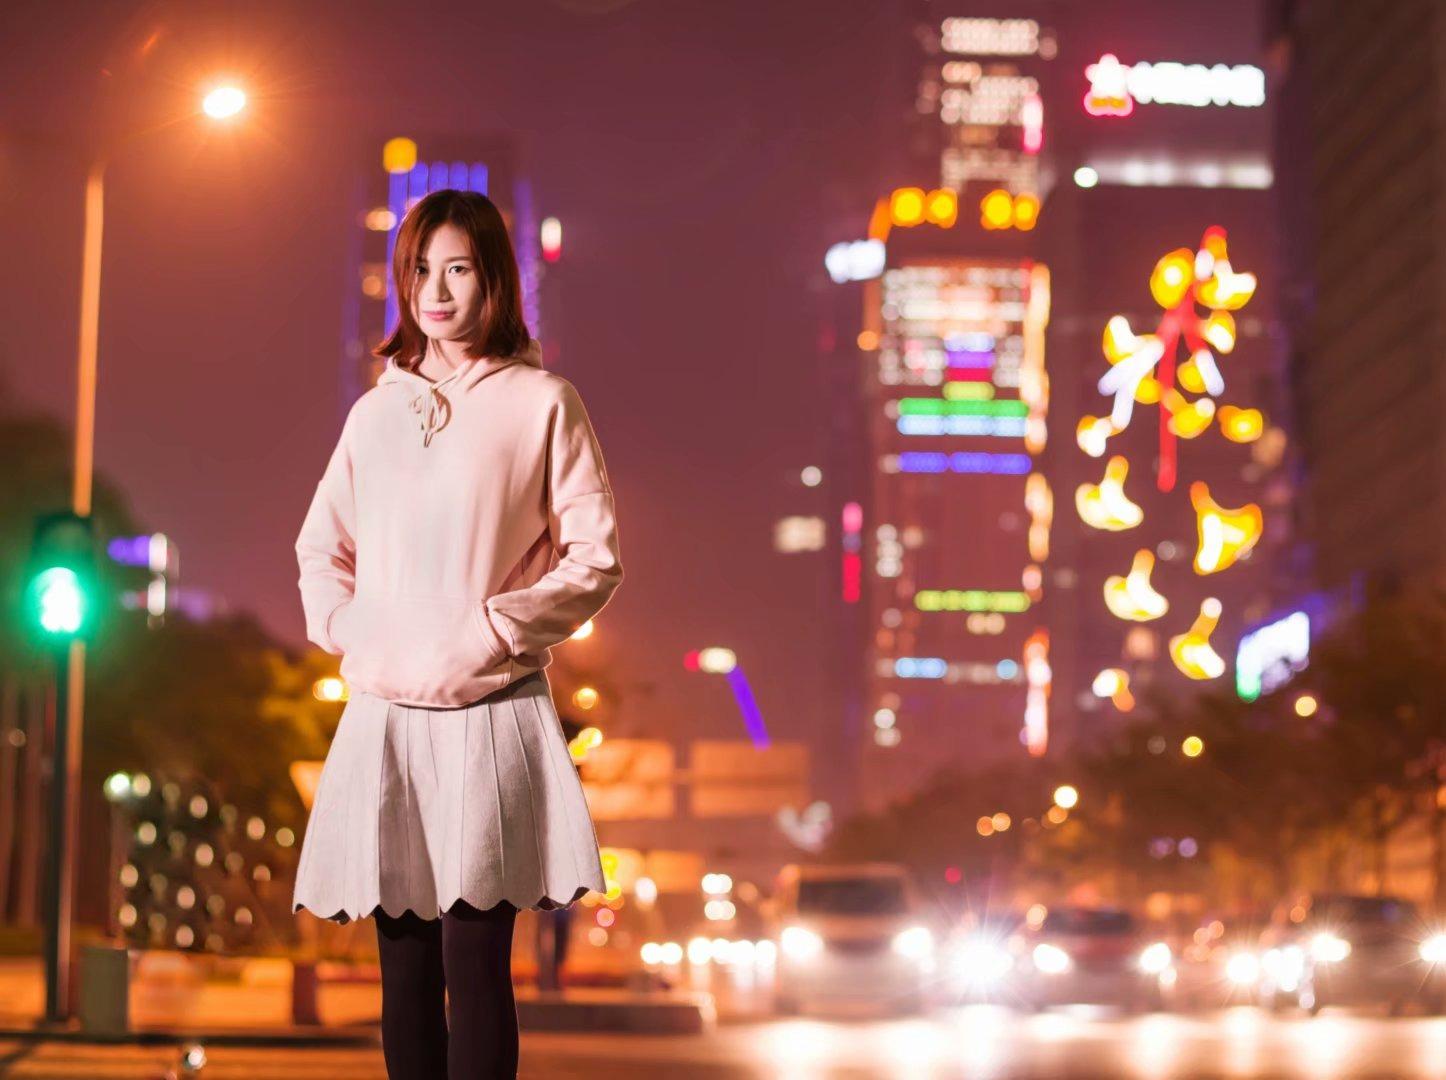 业余玩家夜景交流中心,深圳华强北拍